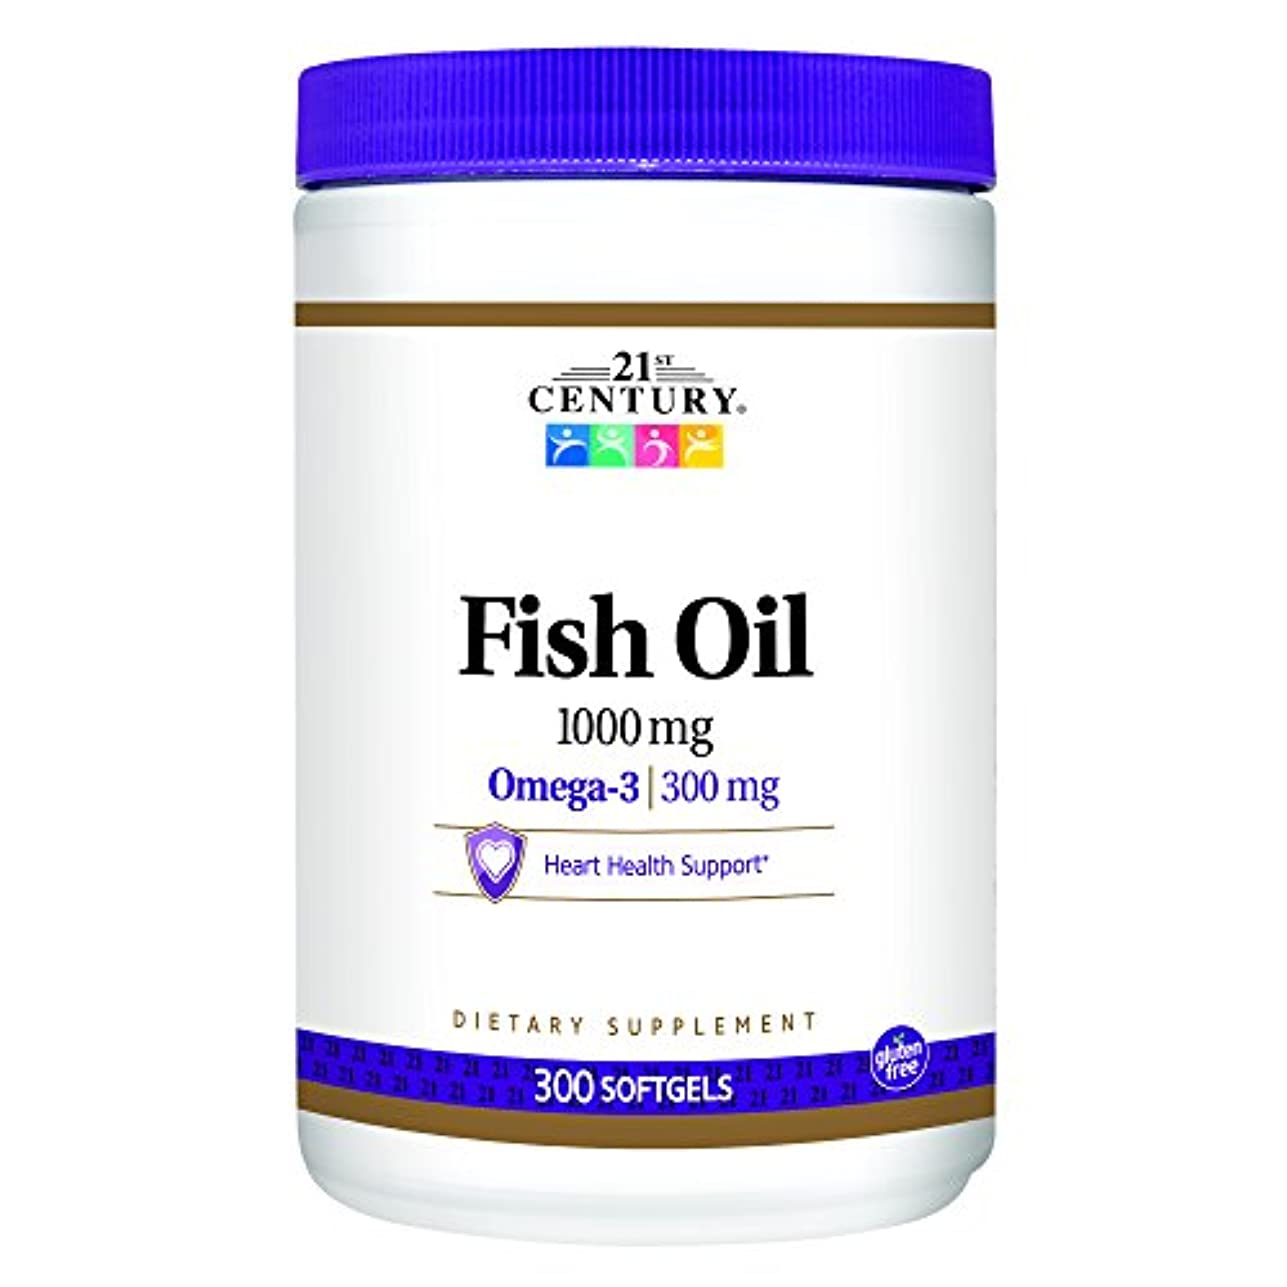 殺人ラッチずっと21st Century Health Care, Fish Oil, Omega-3, 1000 mg, 300 Softgels